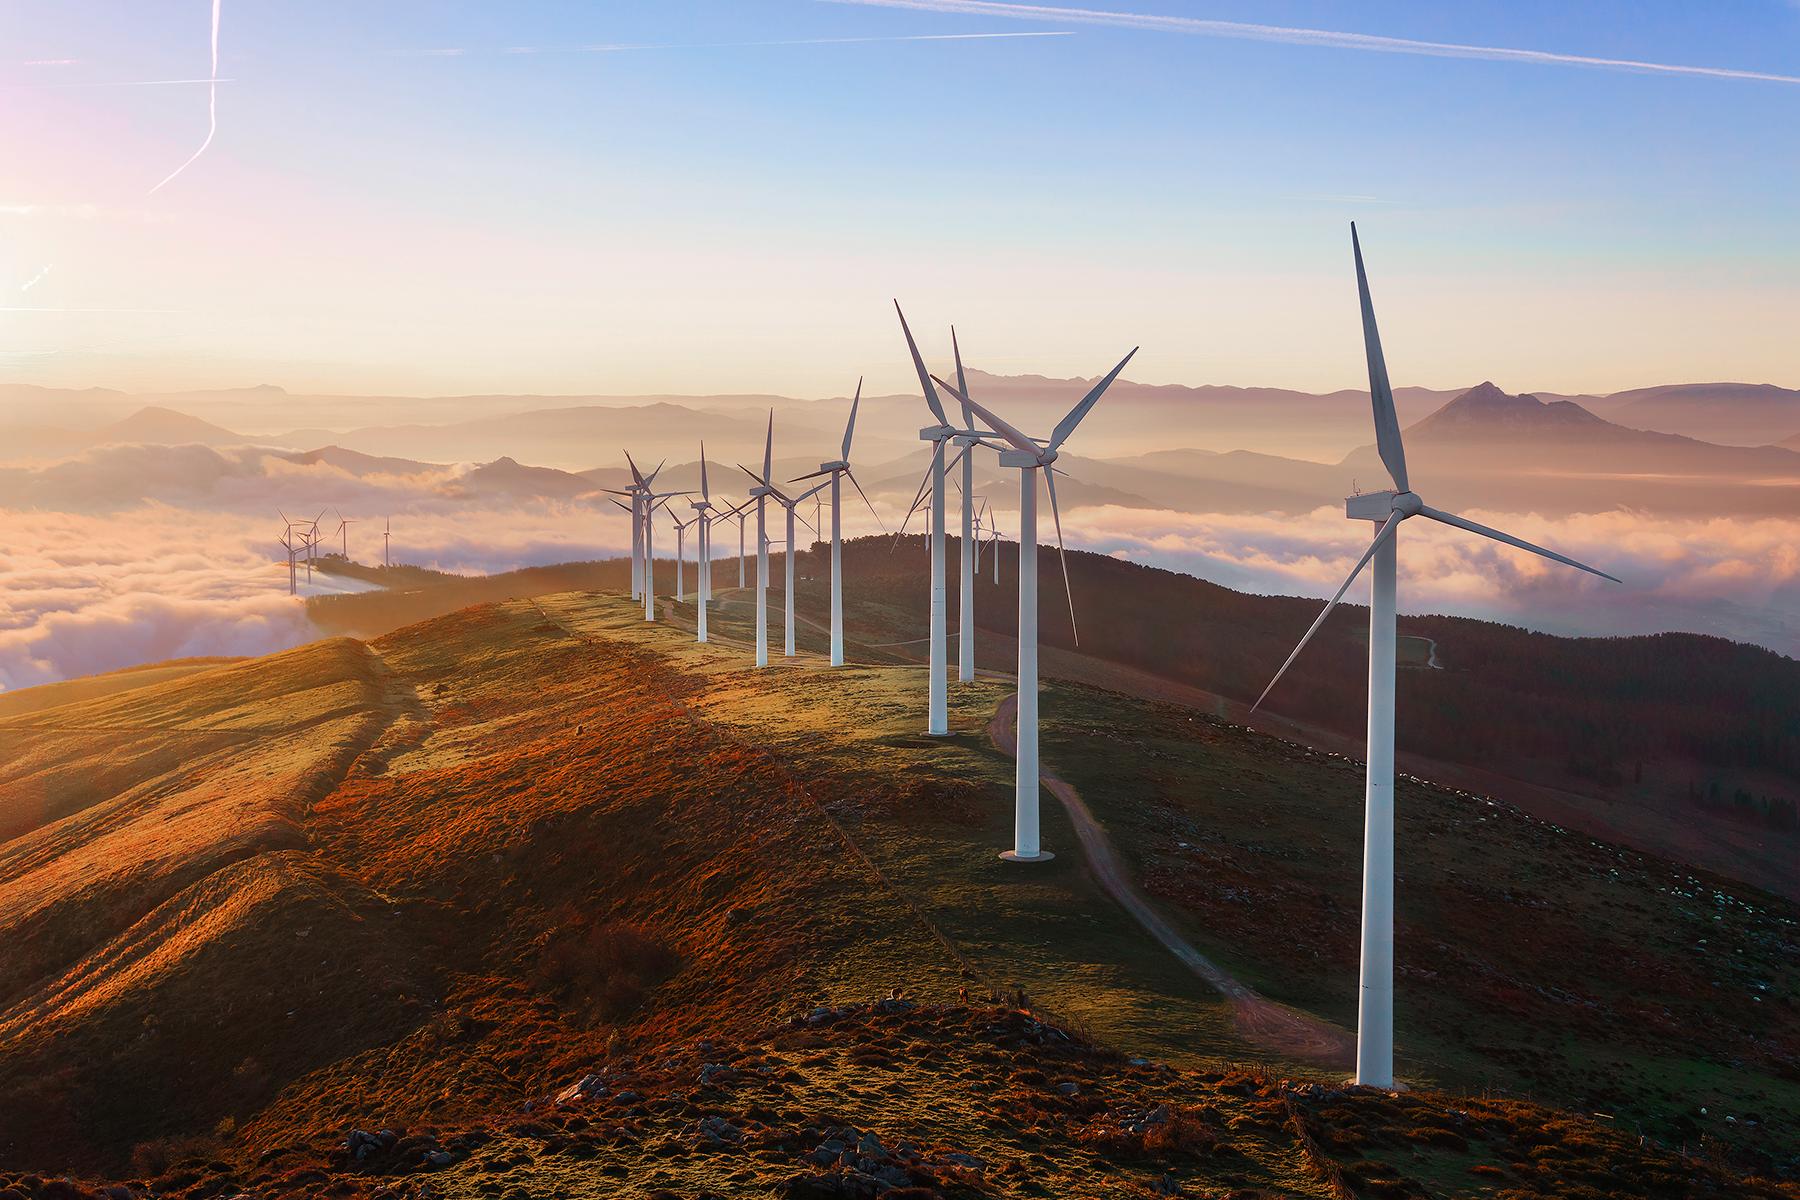 fotografia de cima de um morro com diversas turbinas de produção de energia eólica